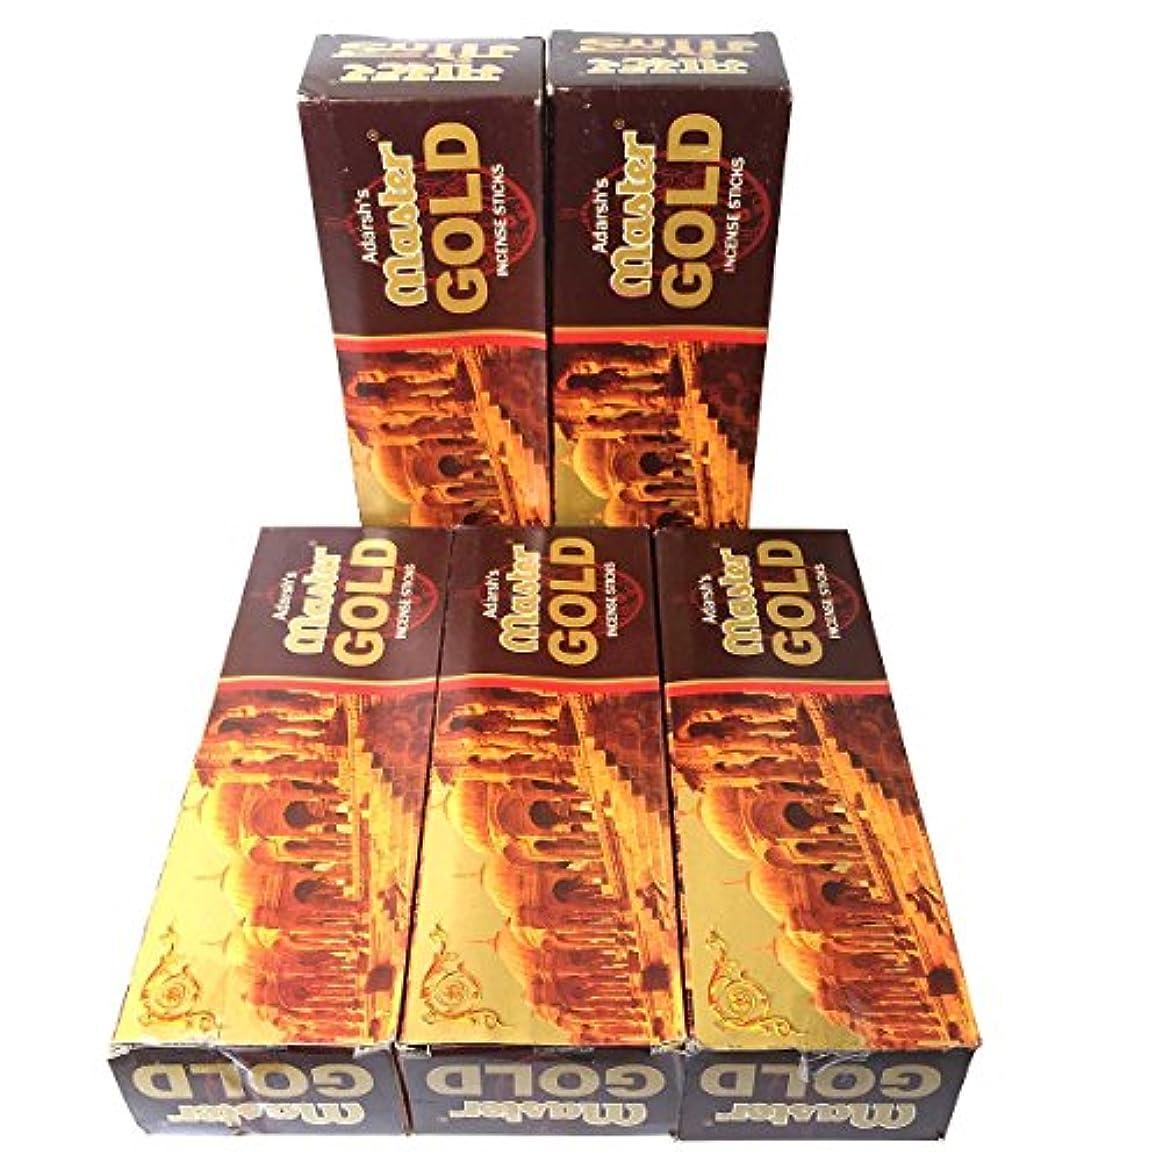 悲しいことに記念碑的な出席マスターゴールド香スティック 5BOX(30箱)/ADARSH AROMATICS  MASTER GOLD/ インド香 / 送料無料 [並行輸入品]